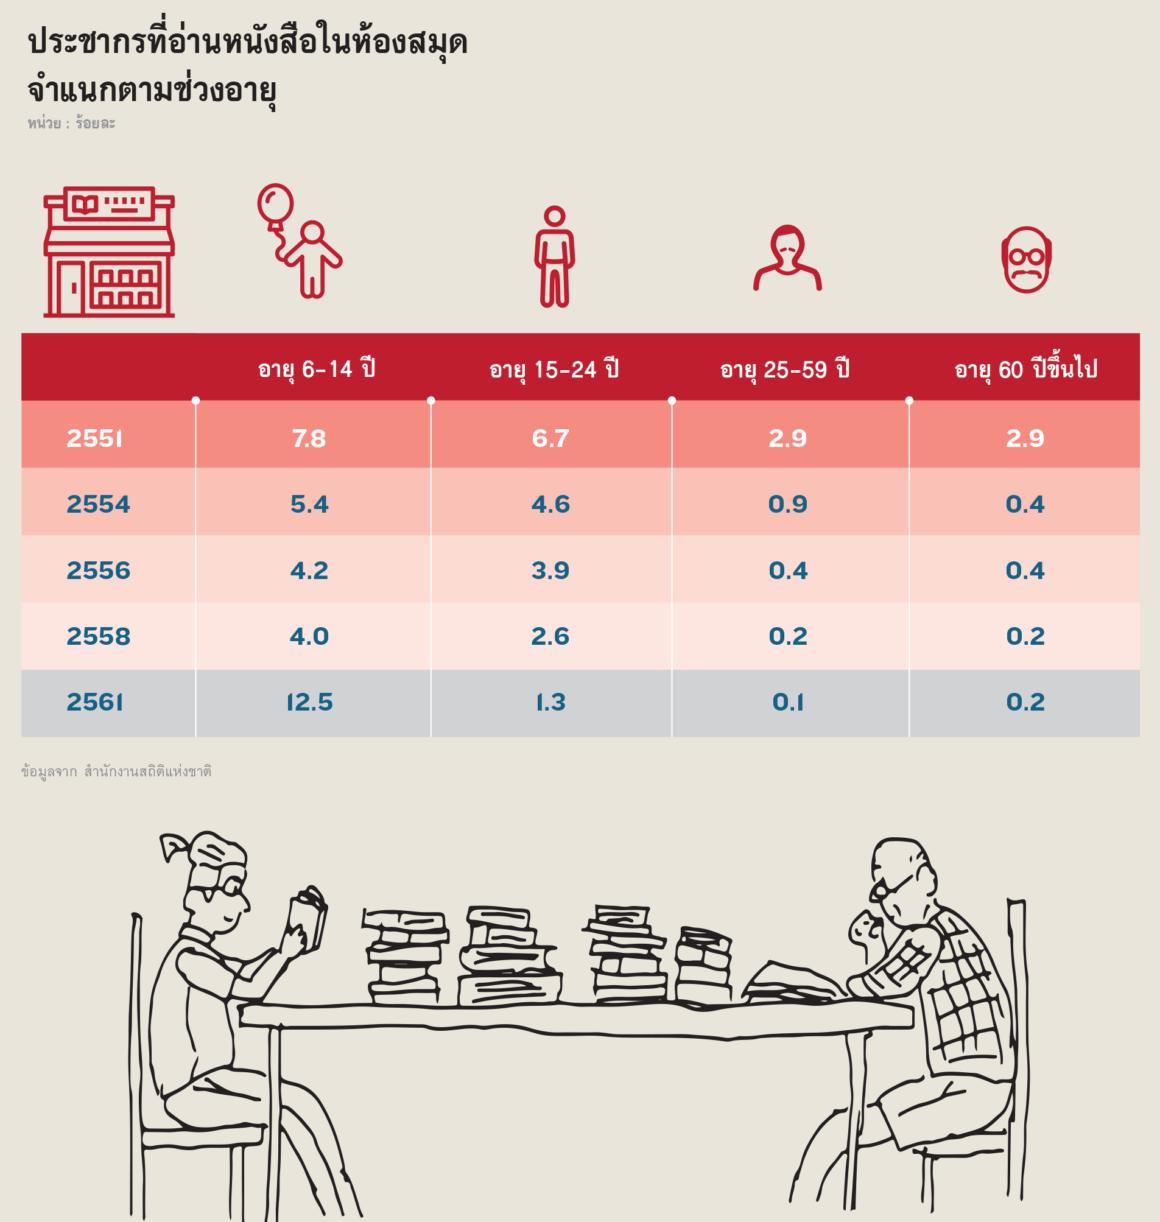 ประชากรที่อ่านหนังสือในห้องสมุด จำแนกตามช่วงอายุ